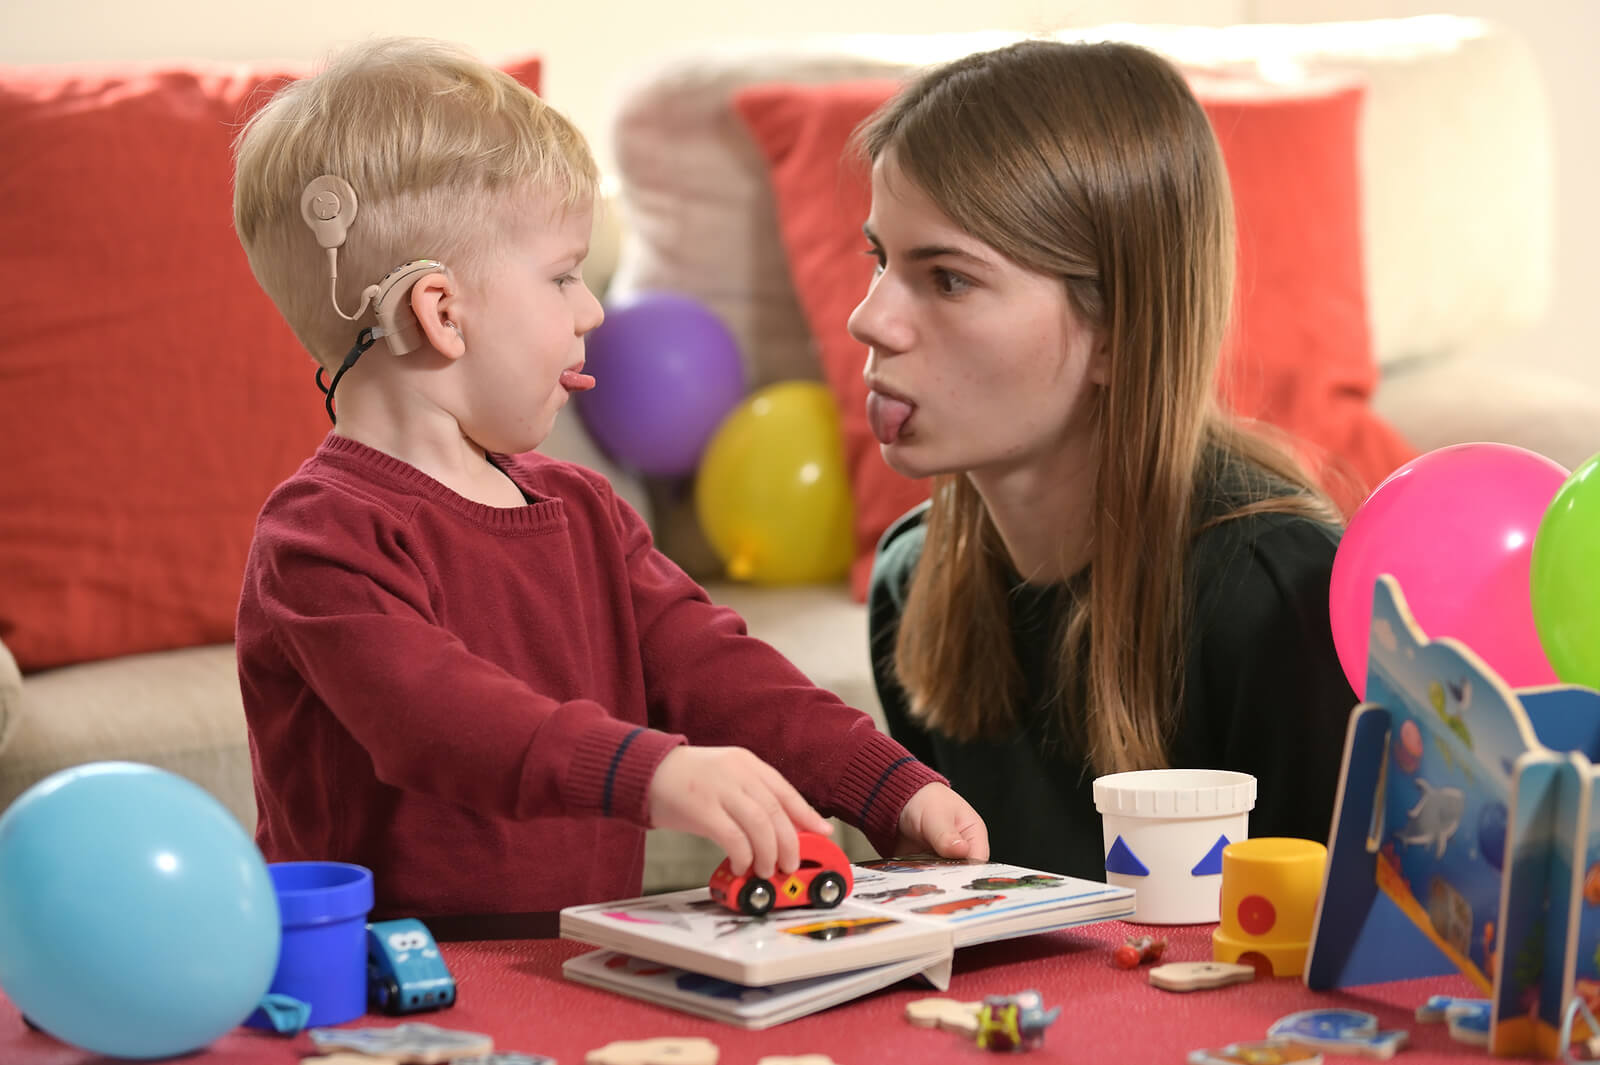 Niño con implantes cocleares jugando con su niñera.